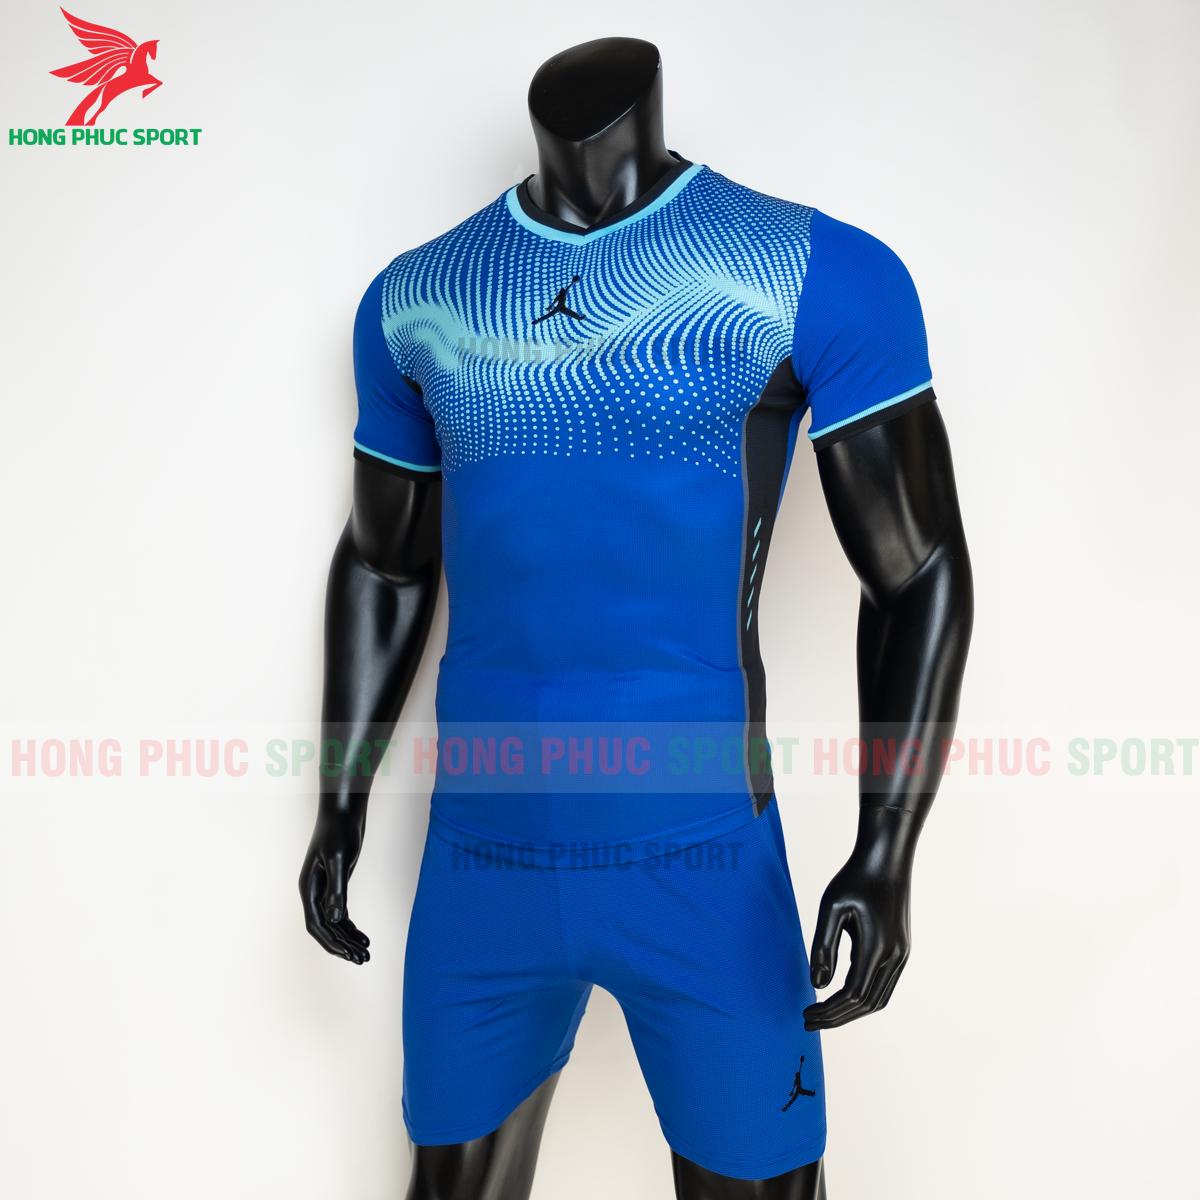 https://cdn.hongphucsport.com/unsafe/s4.shopbay.vn/files/285/ao-bong-chuyen-khong-logo-jordan-wave-mau-xanh-duong-4-605021c2b626c.png